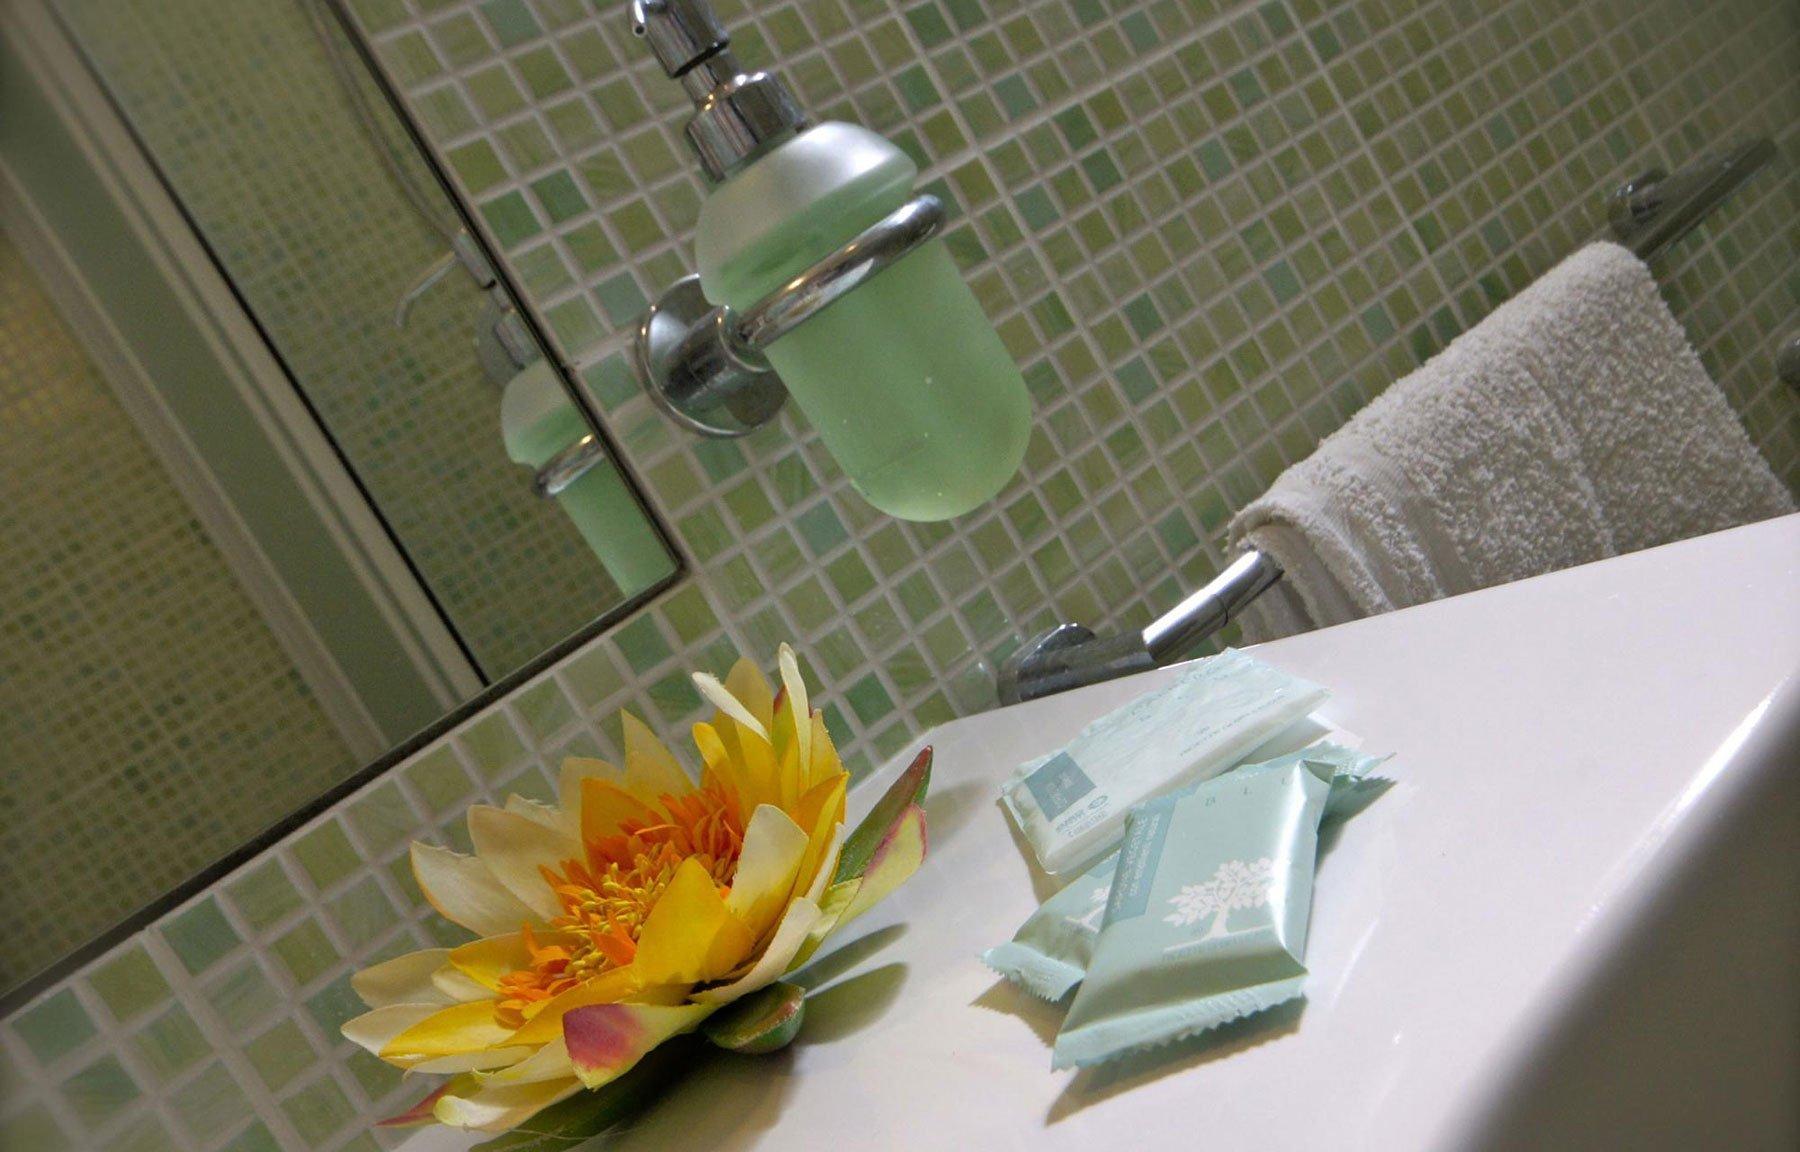 Sala da bagno di piastrelle verde,asciugamani, saponi e un fiore di loto